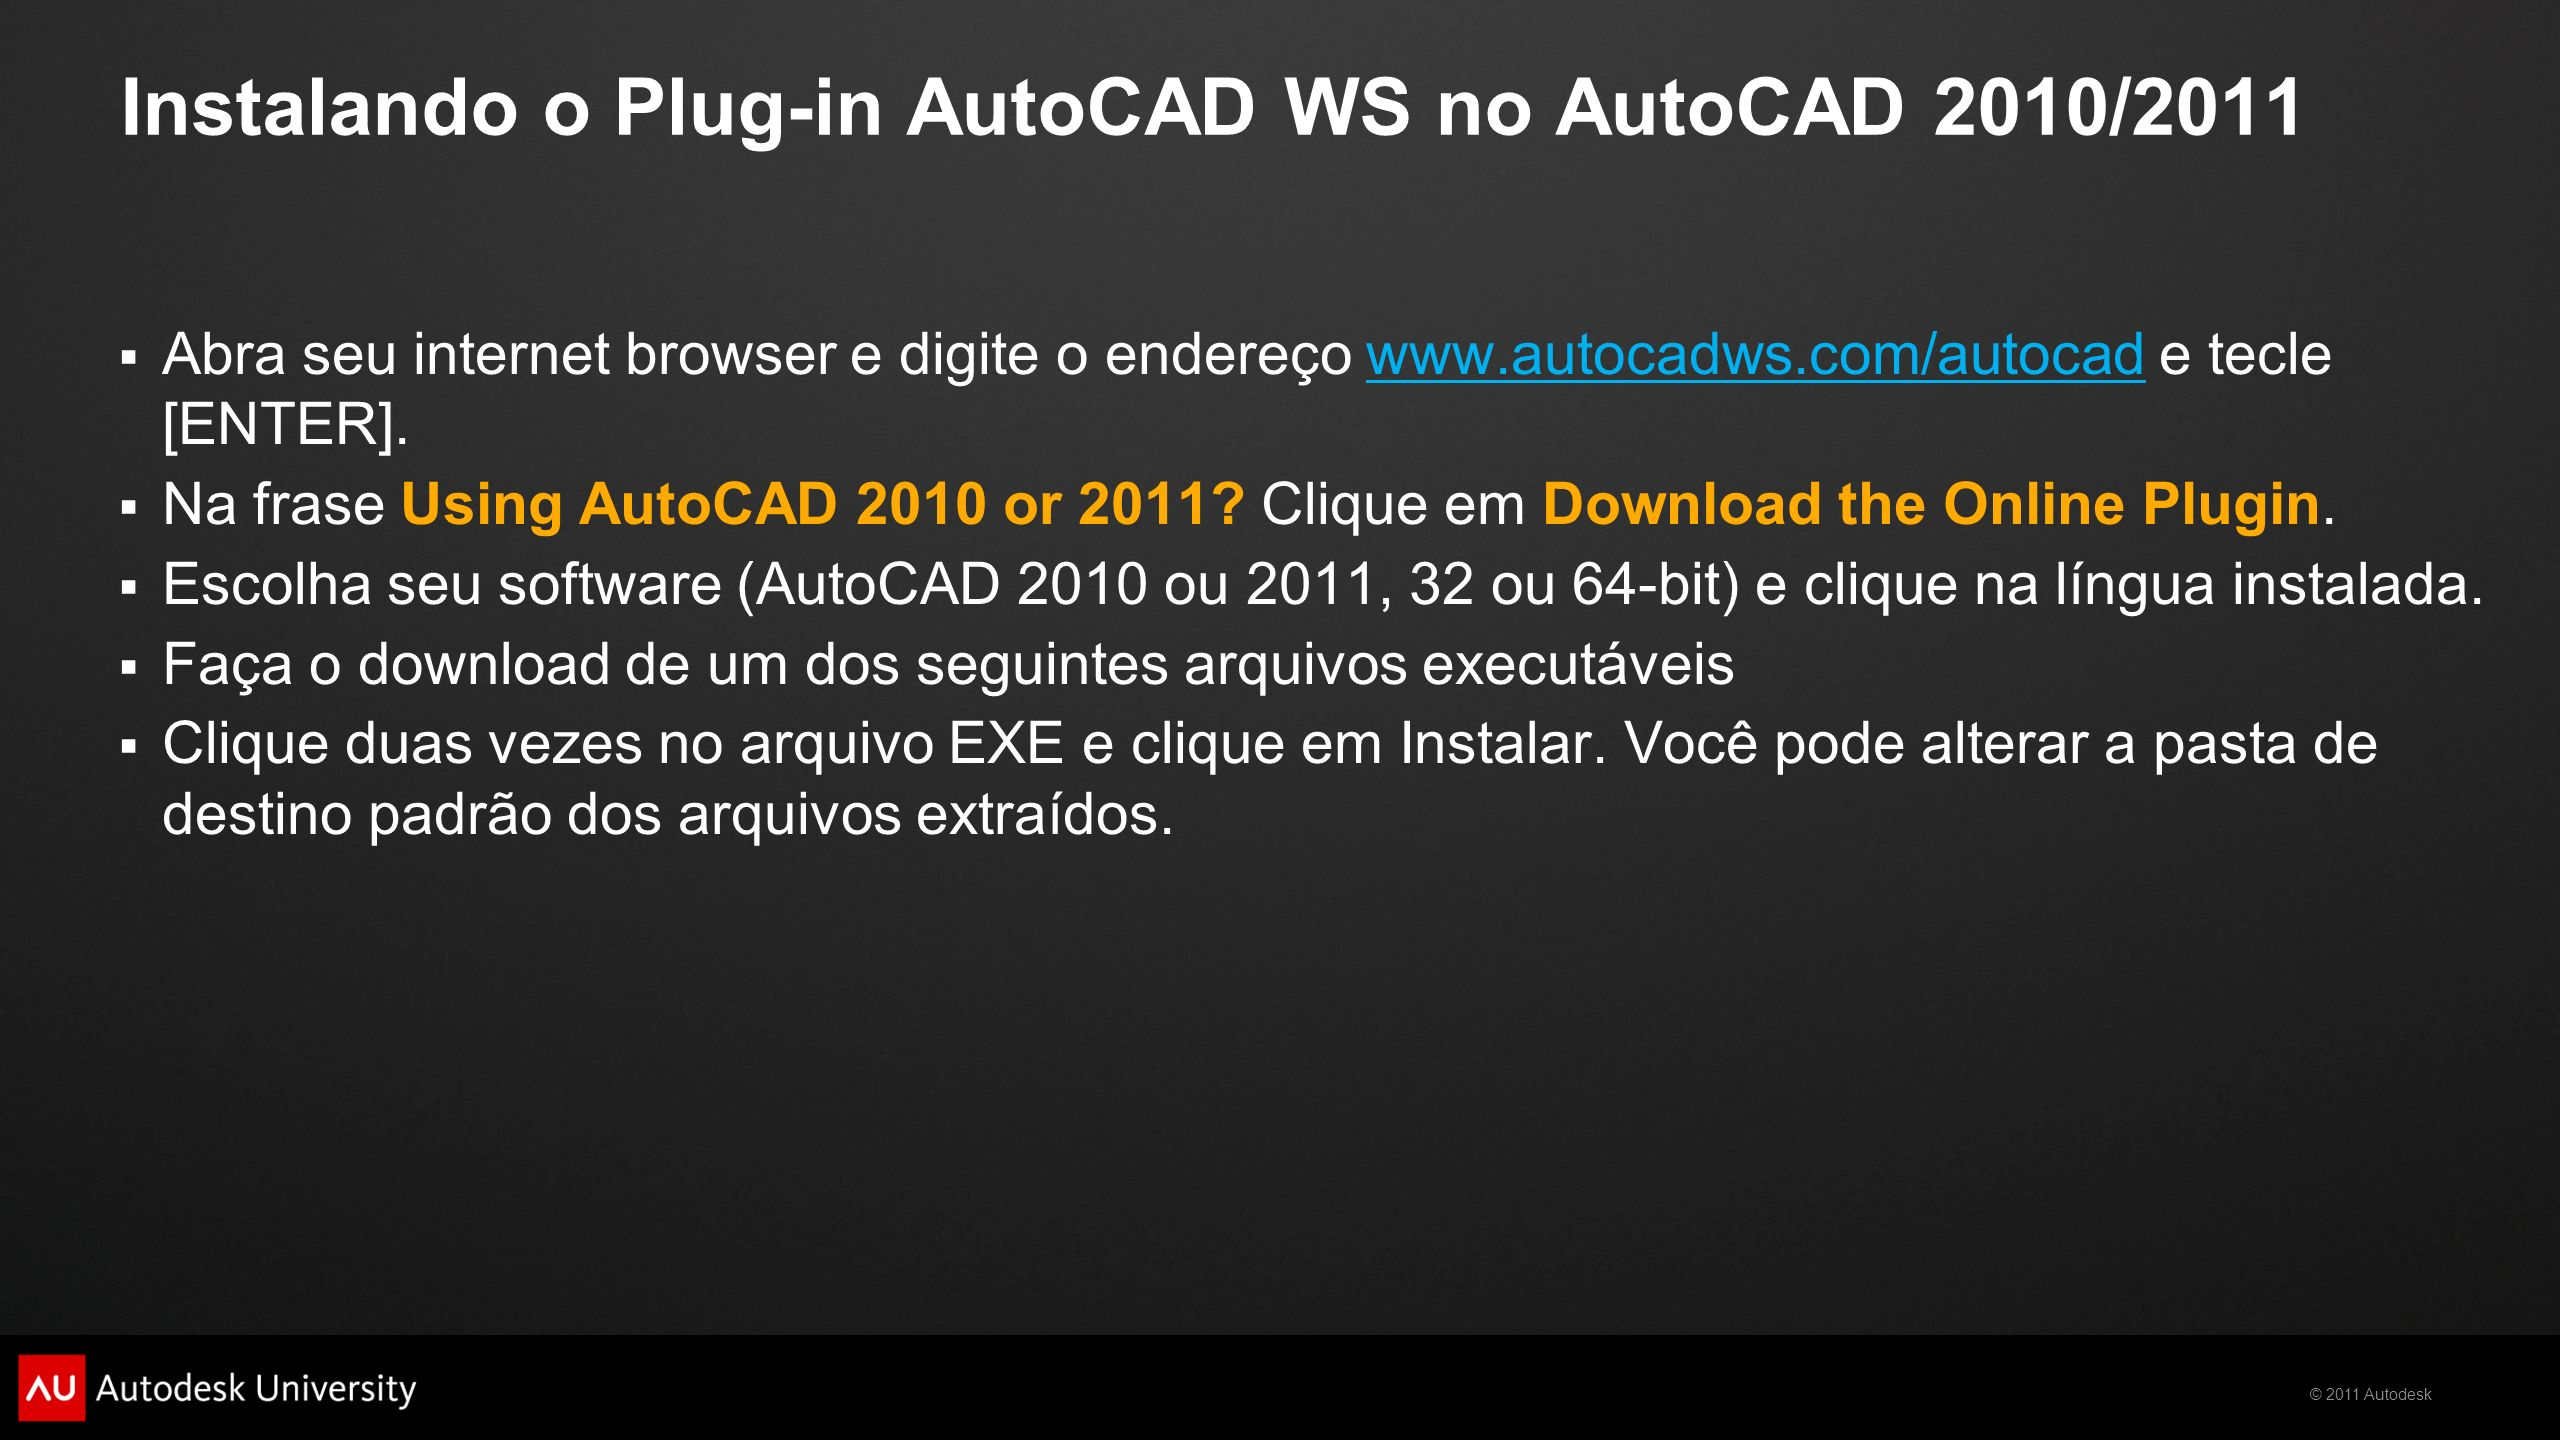 © 2011 Autodesk Instalando o Plug-in AutoCAD WS no AutoCAD 2010/2011 Abra seu internet browser e digite o endereço www.autocadws.com/autocad e tecle [ENTER].www.autocadws.com/autocad Na frase Using AutoCAD 2010 or 2011.